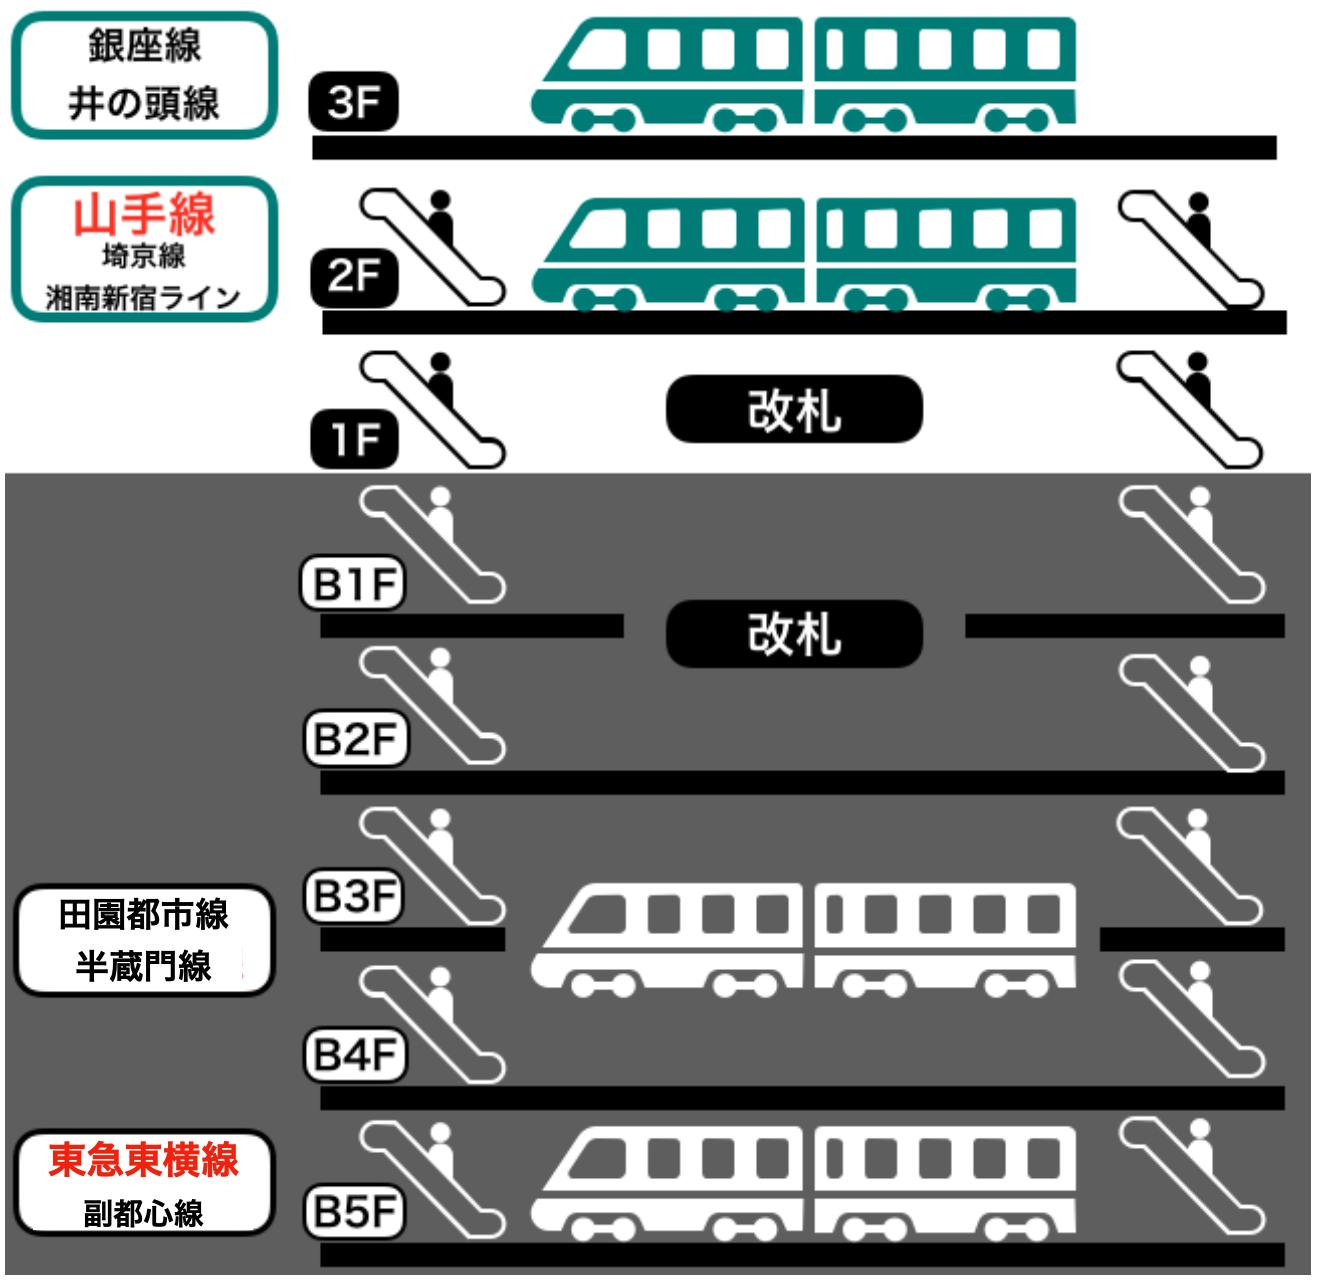 渋谷駅の構内図